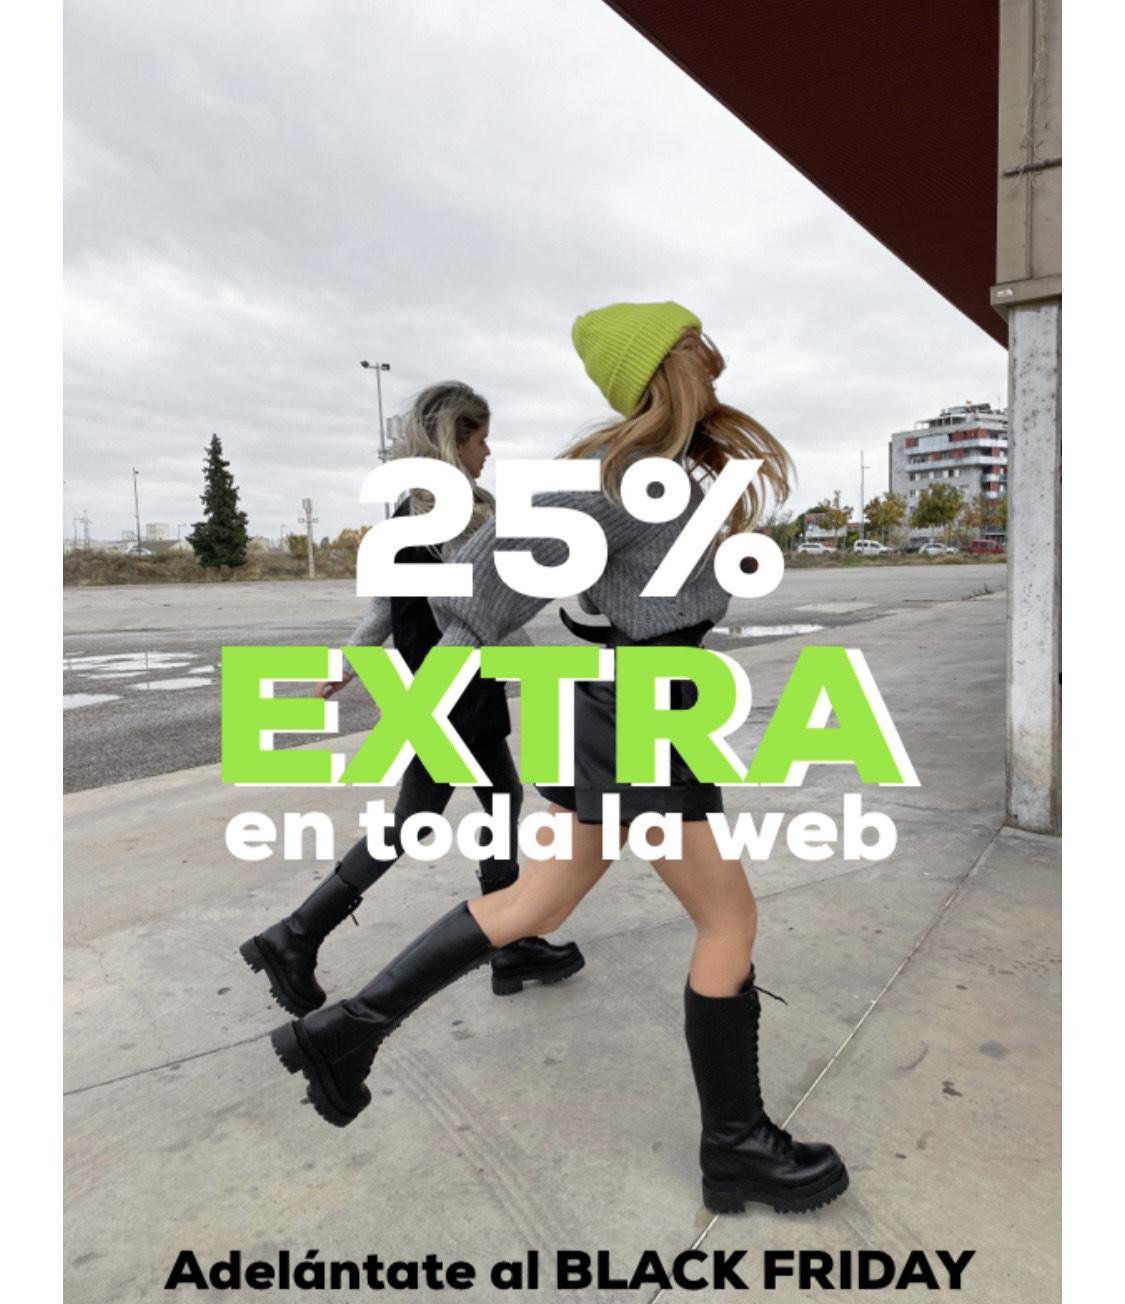 25% en toda la web Yellowshop